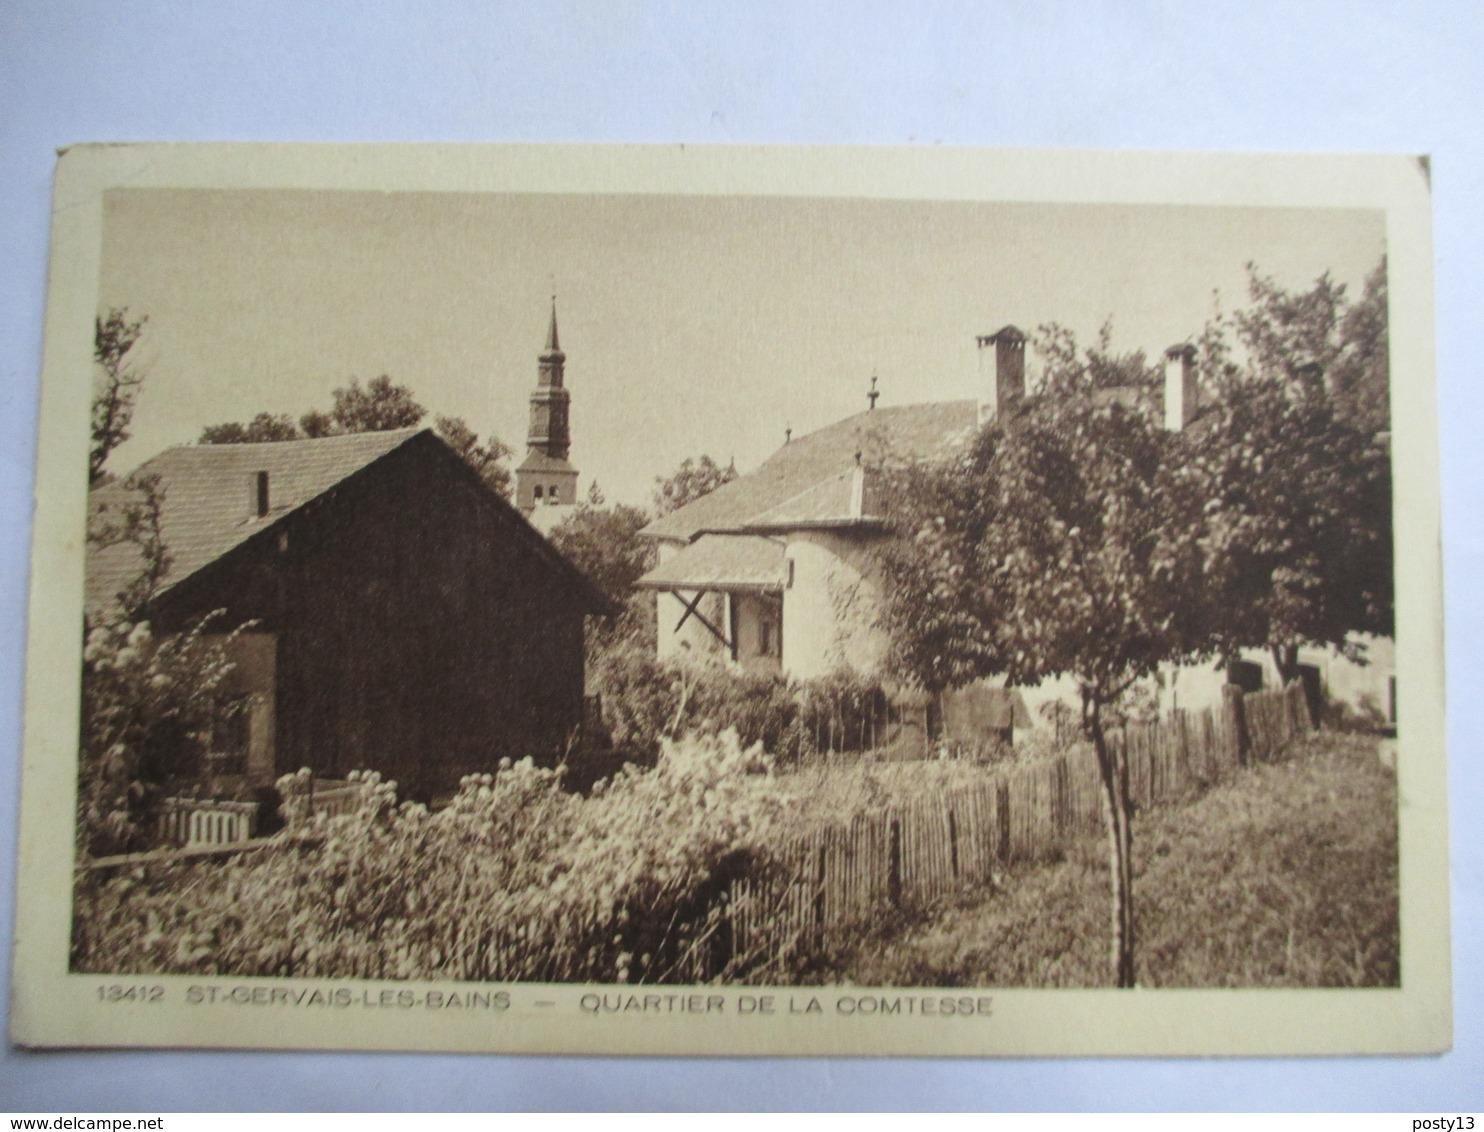 Saint-Gervais-les-Bains (74) - Quartier De La Comtesse - CPSM 9x14 - 1934 - Au Dos Cachet DAGUIN - TBE - Saint-Gervais-les-Bains